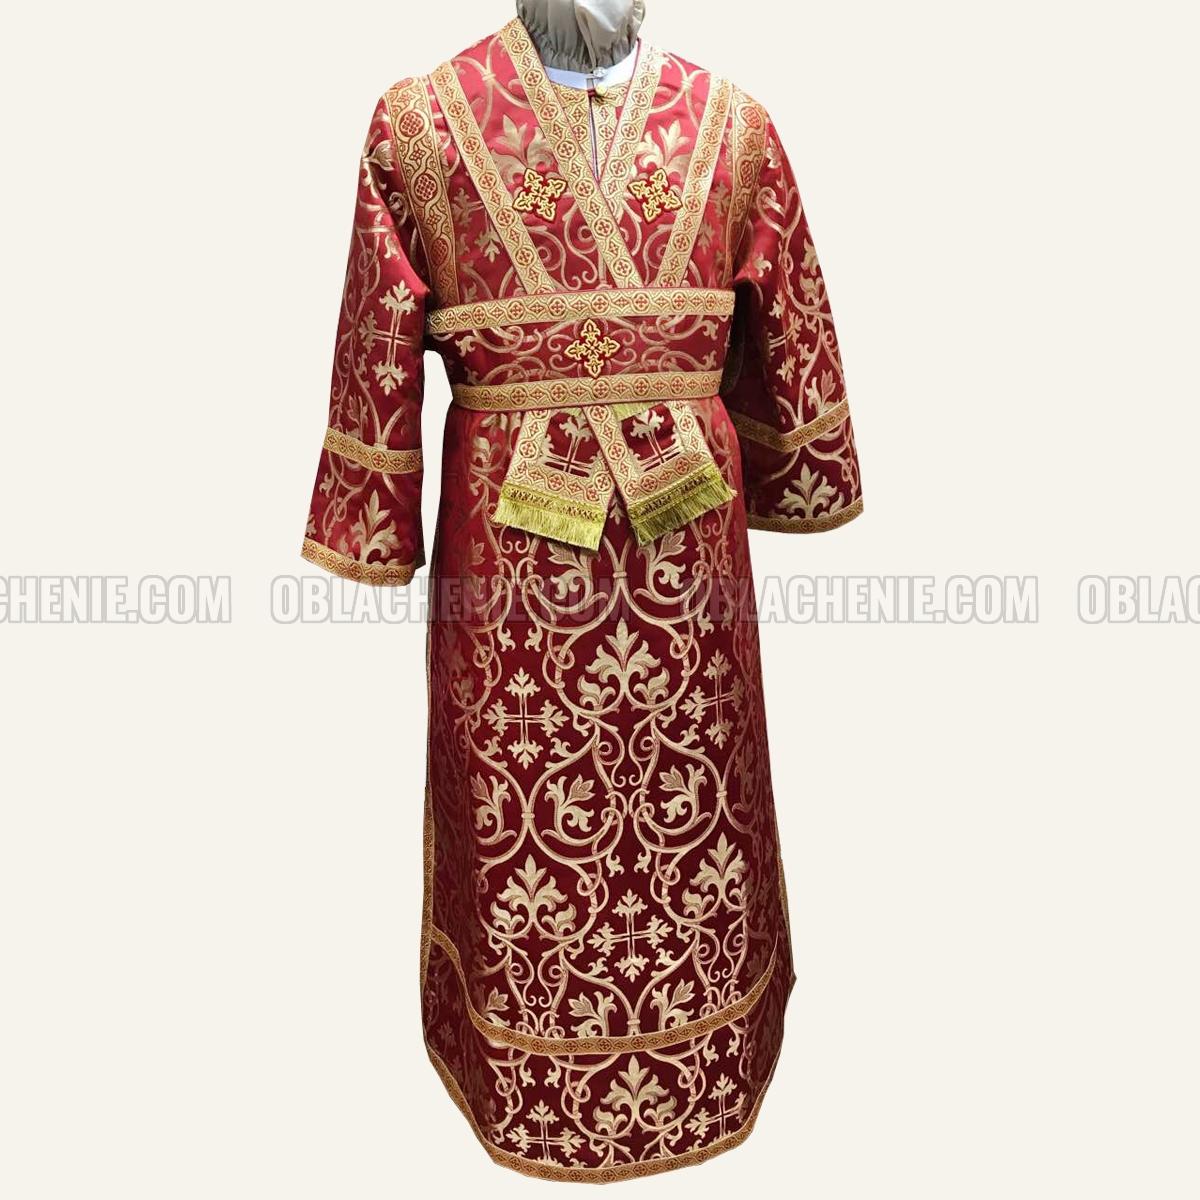 Deacon's vestments 10345